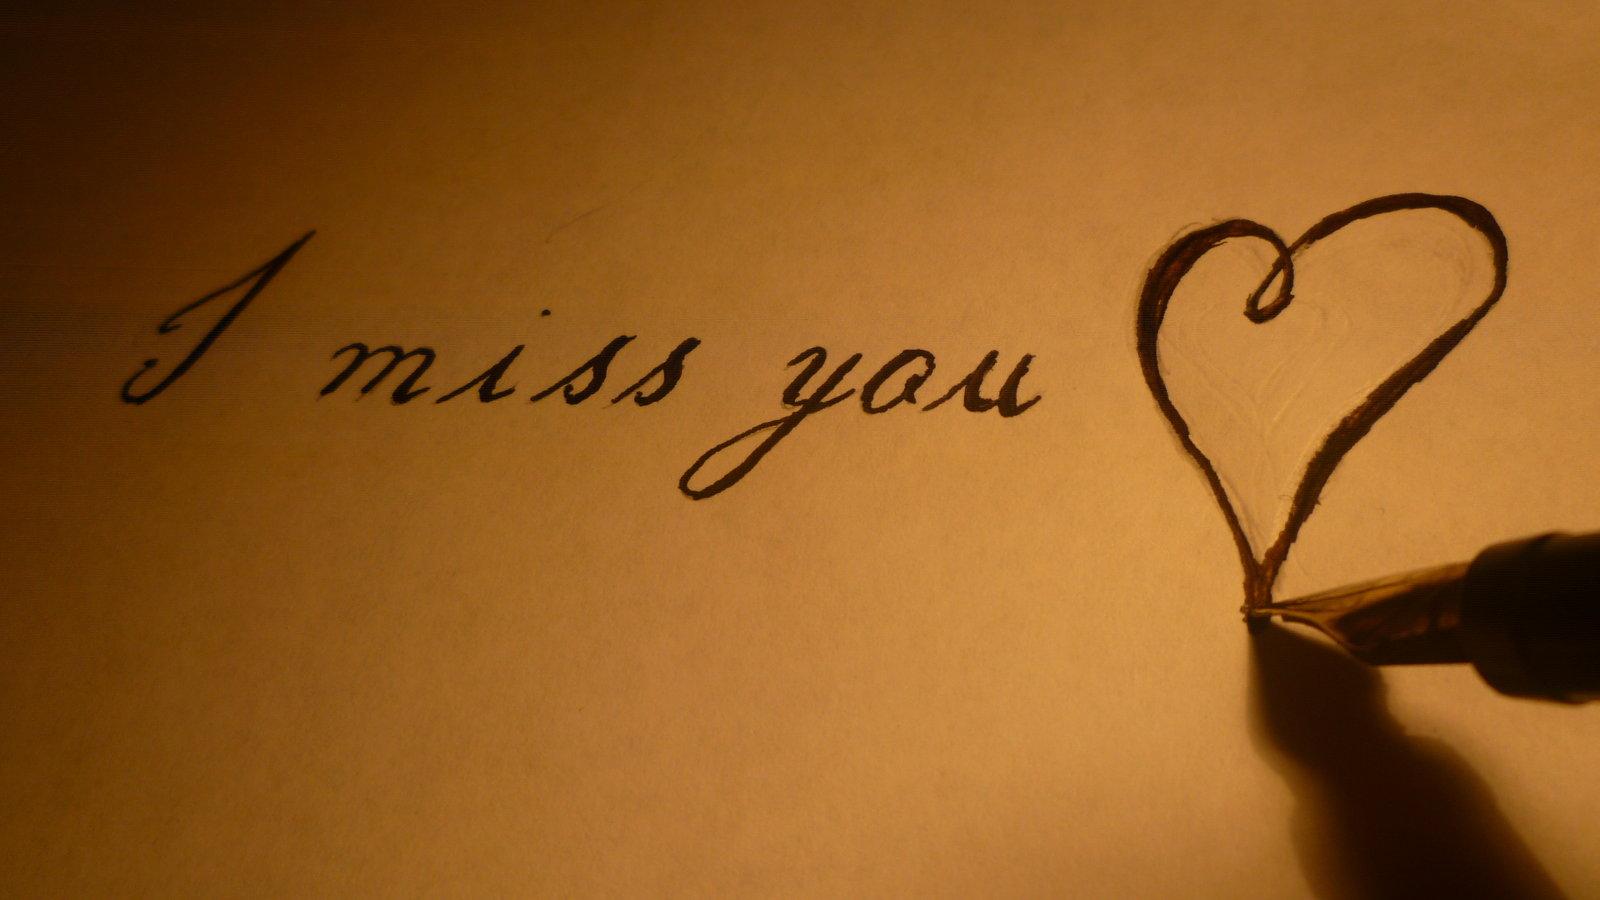 بالصور صور i miss you , اجمل صور رومانسيه i miss you 74896 3